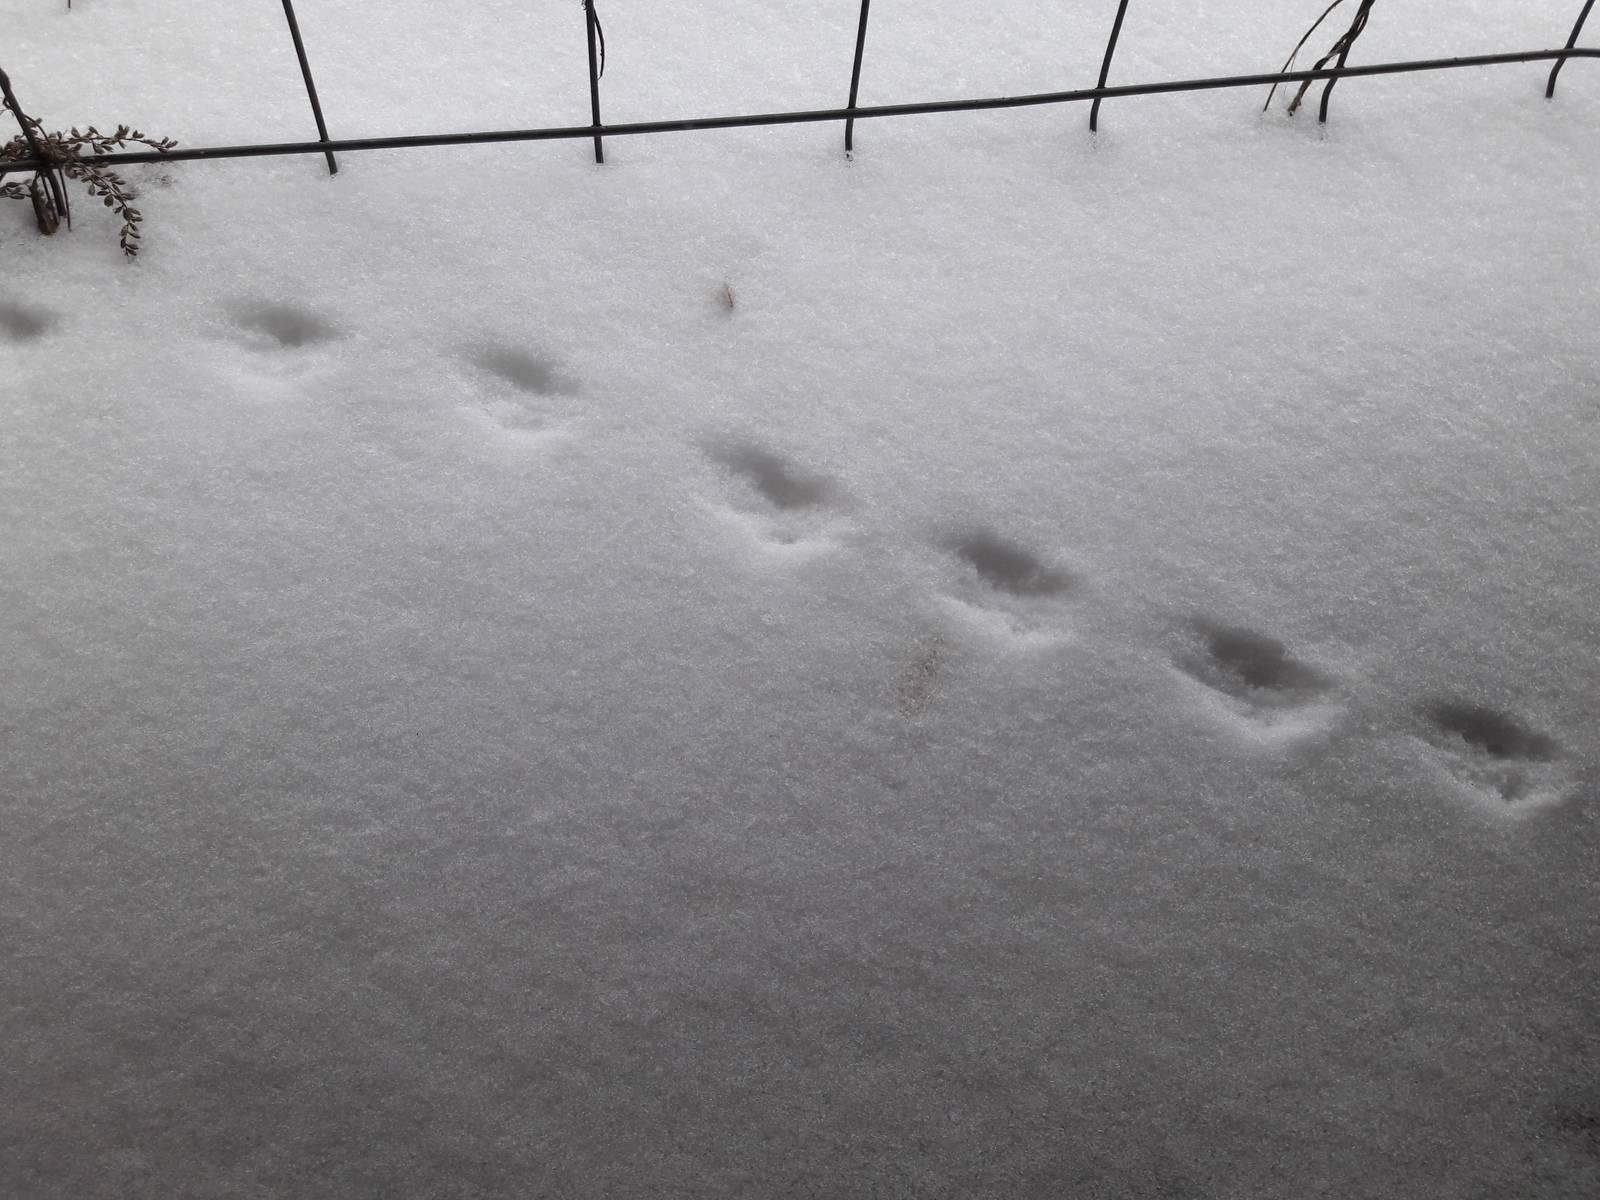 Следы крысы на снегу – как определить начало захвата территории грызунами